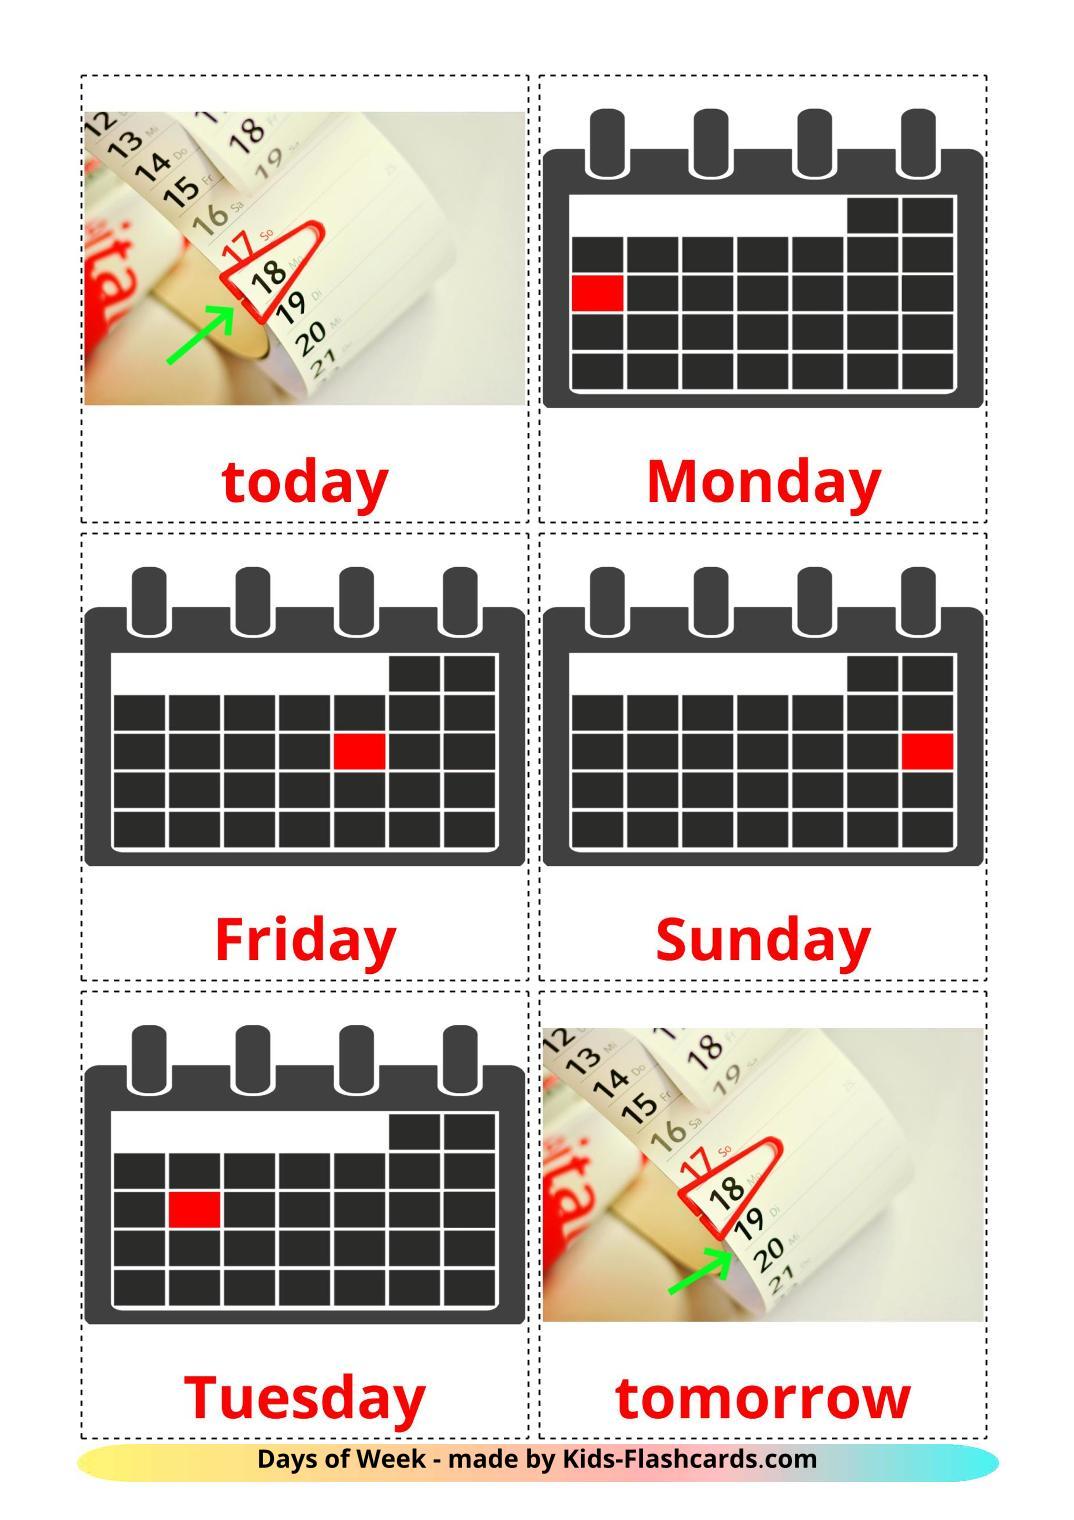 Days of Week - 12 Free Printable english Flashcards